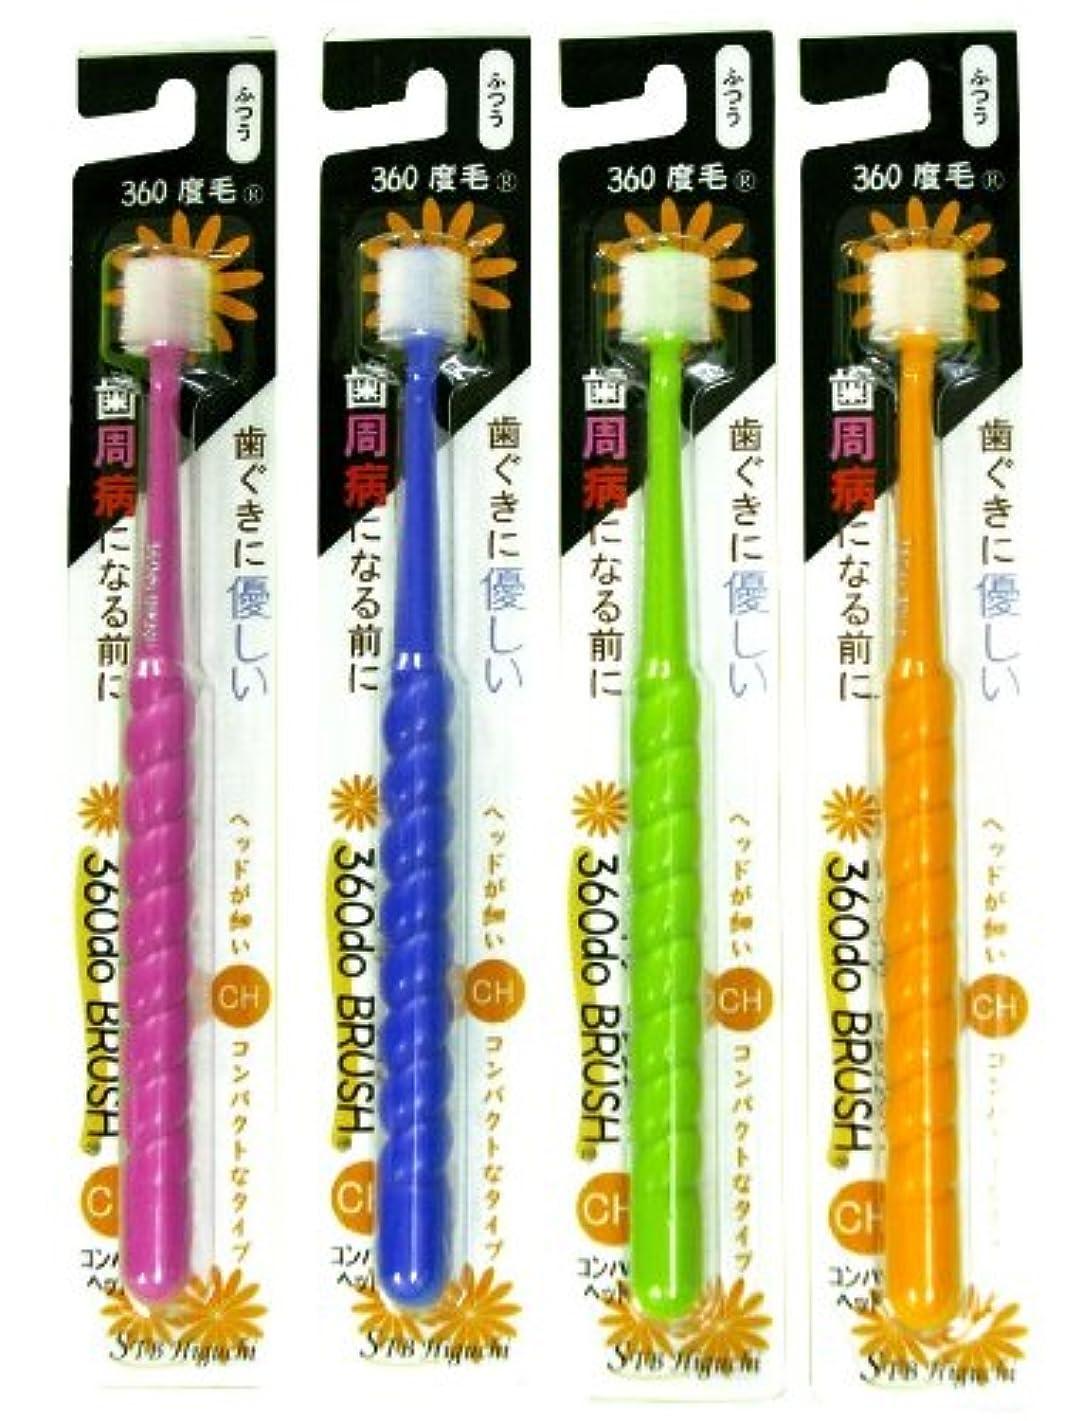 挨拶する超越する貢献する360度歯ブラシ 360do BRUSH コンパクトヘッド(CH)(カラーは1色おまかせ)